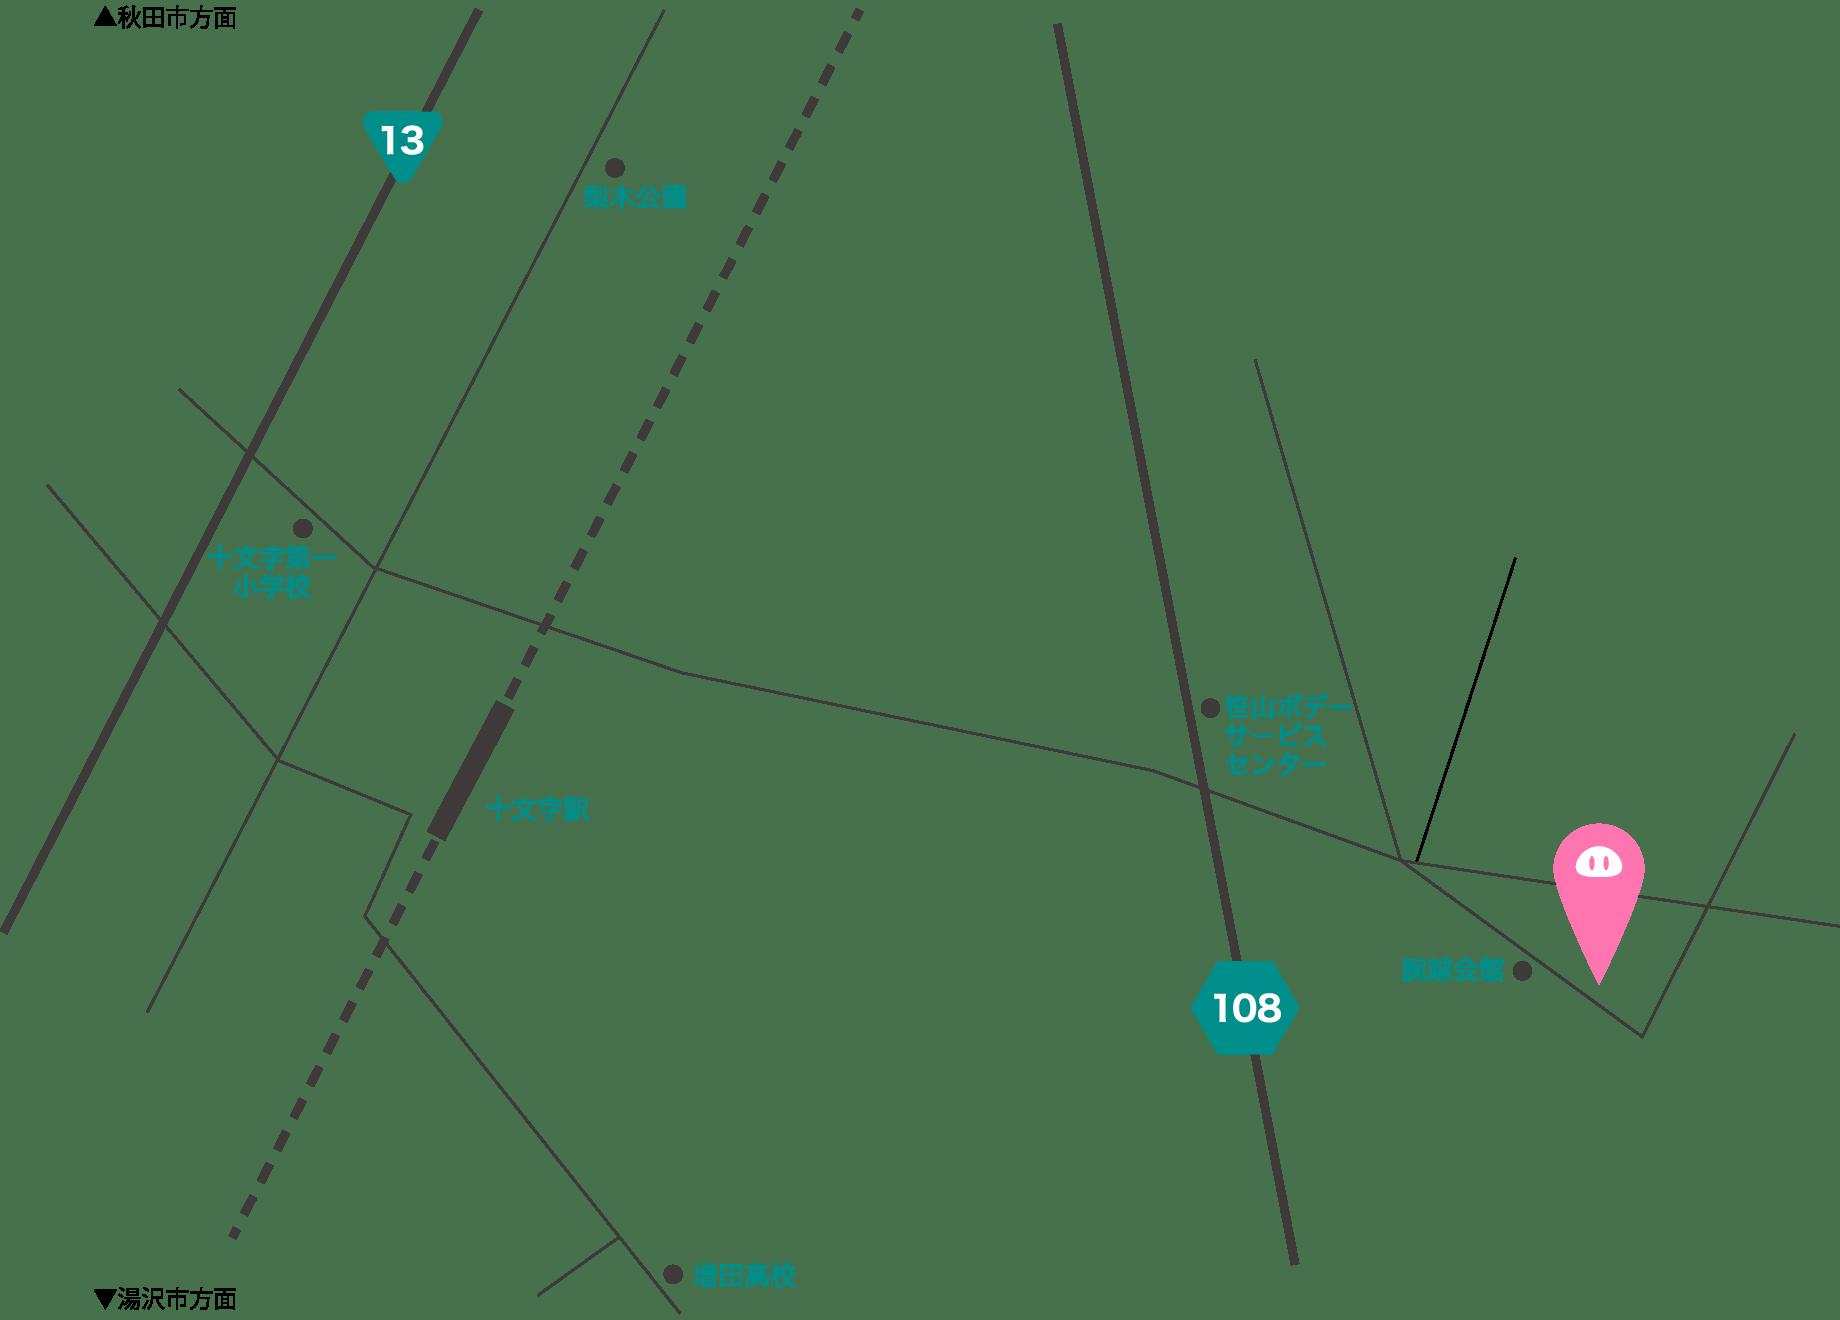 細川農興までのマップ